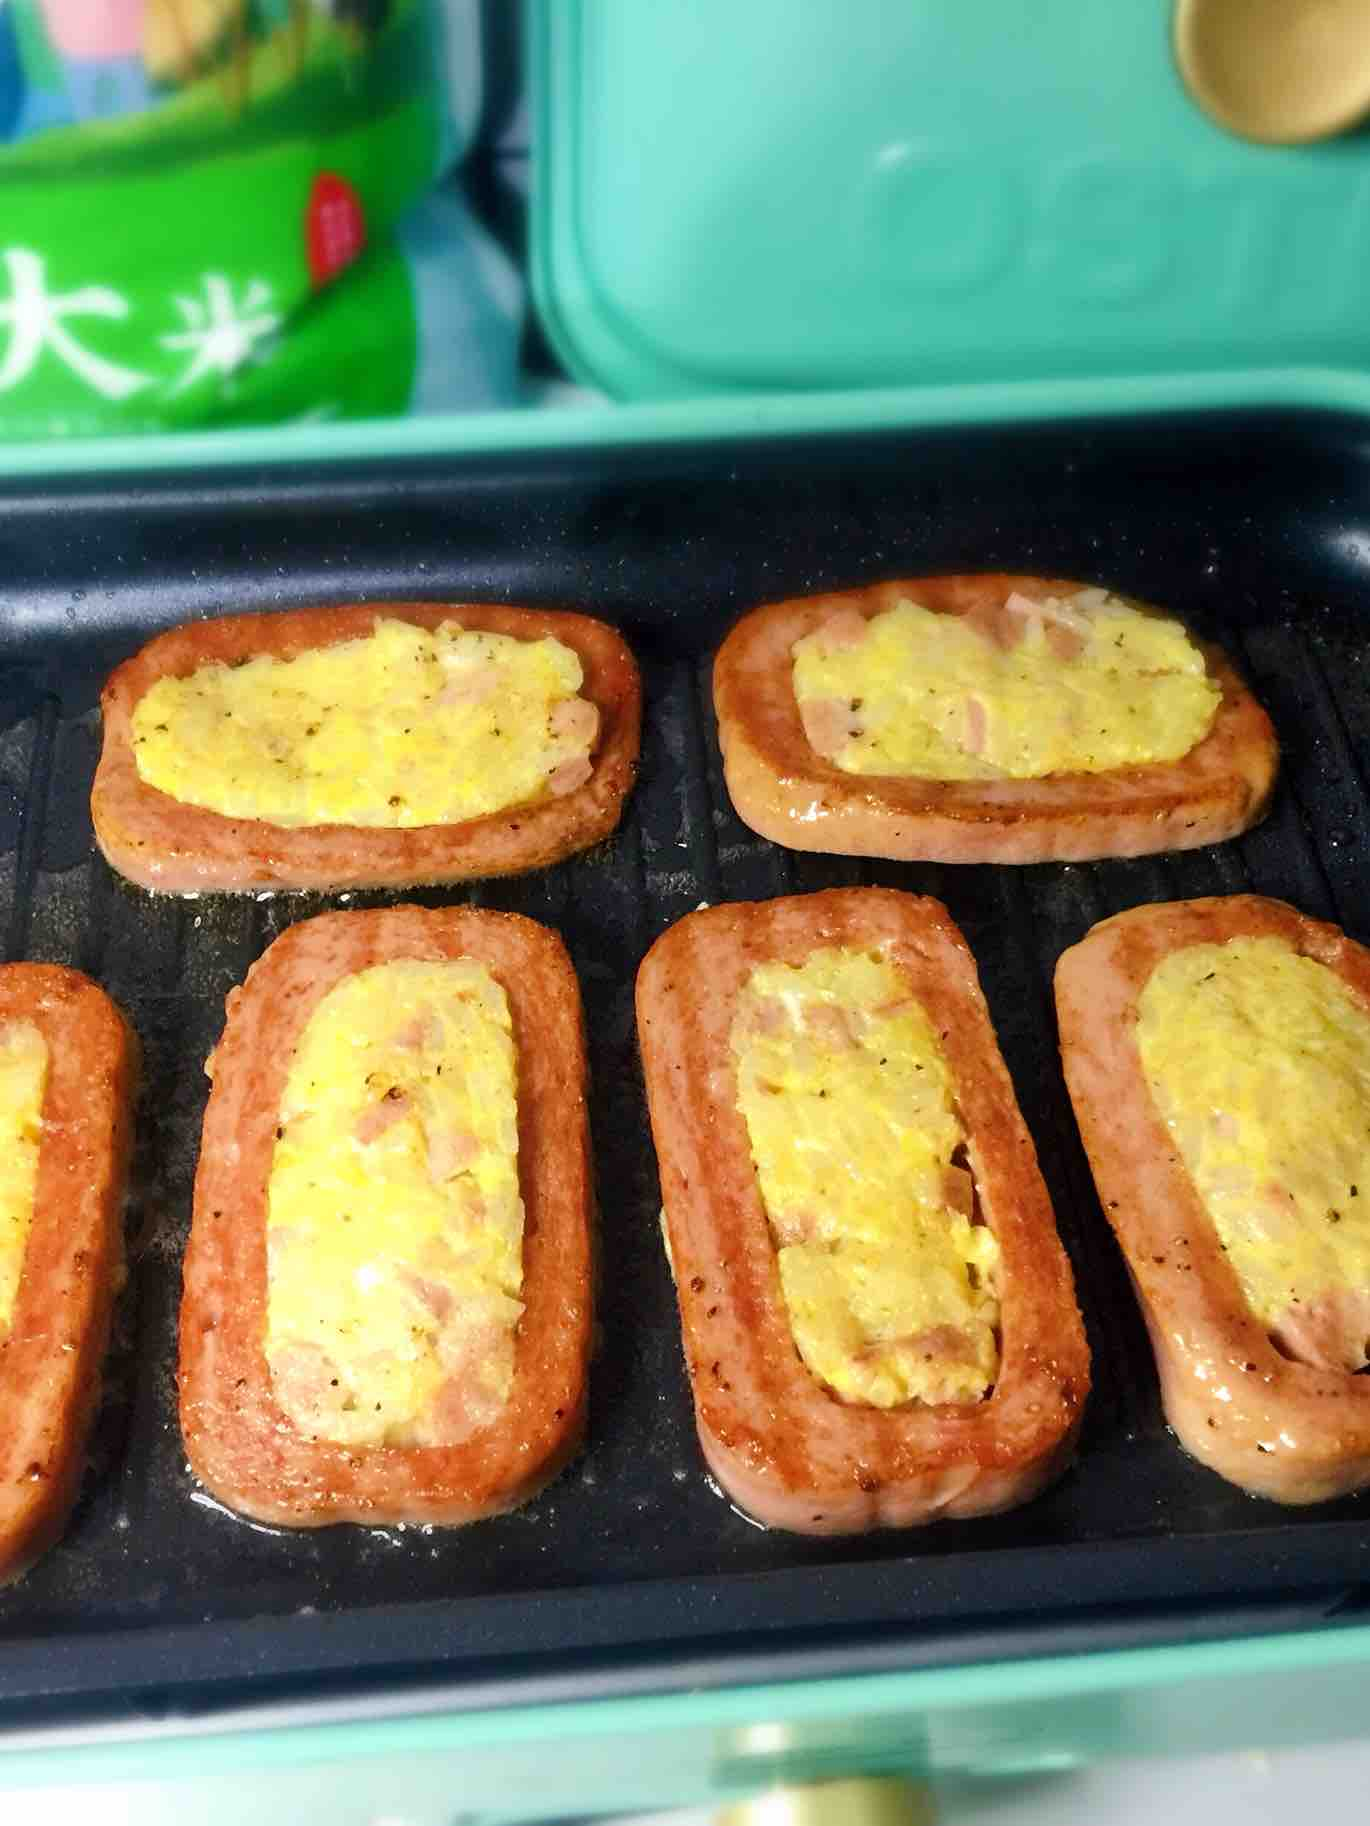 午餐肉大米饼